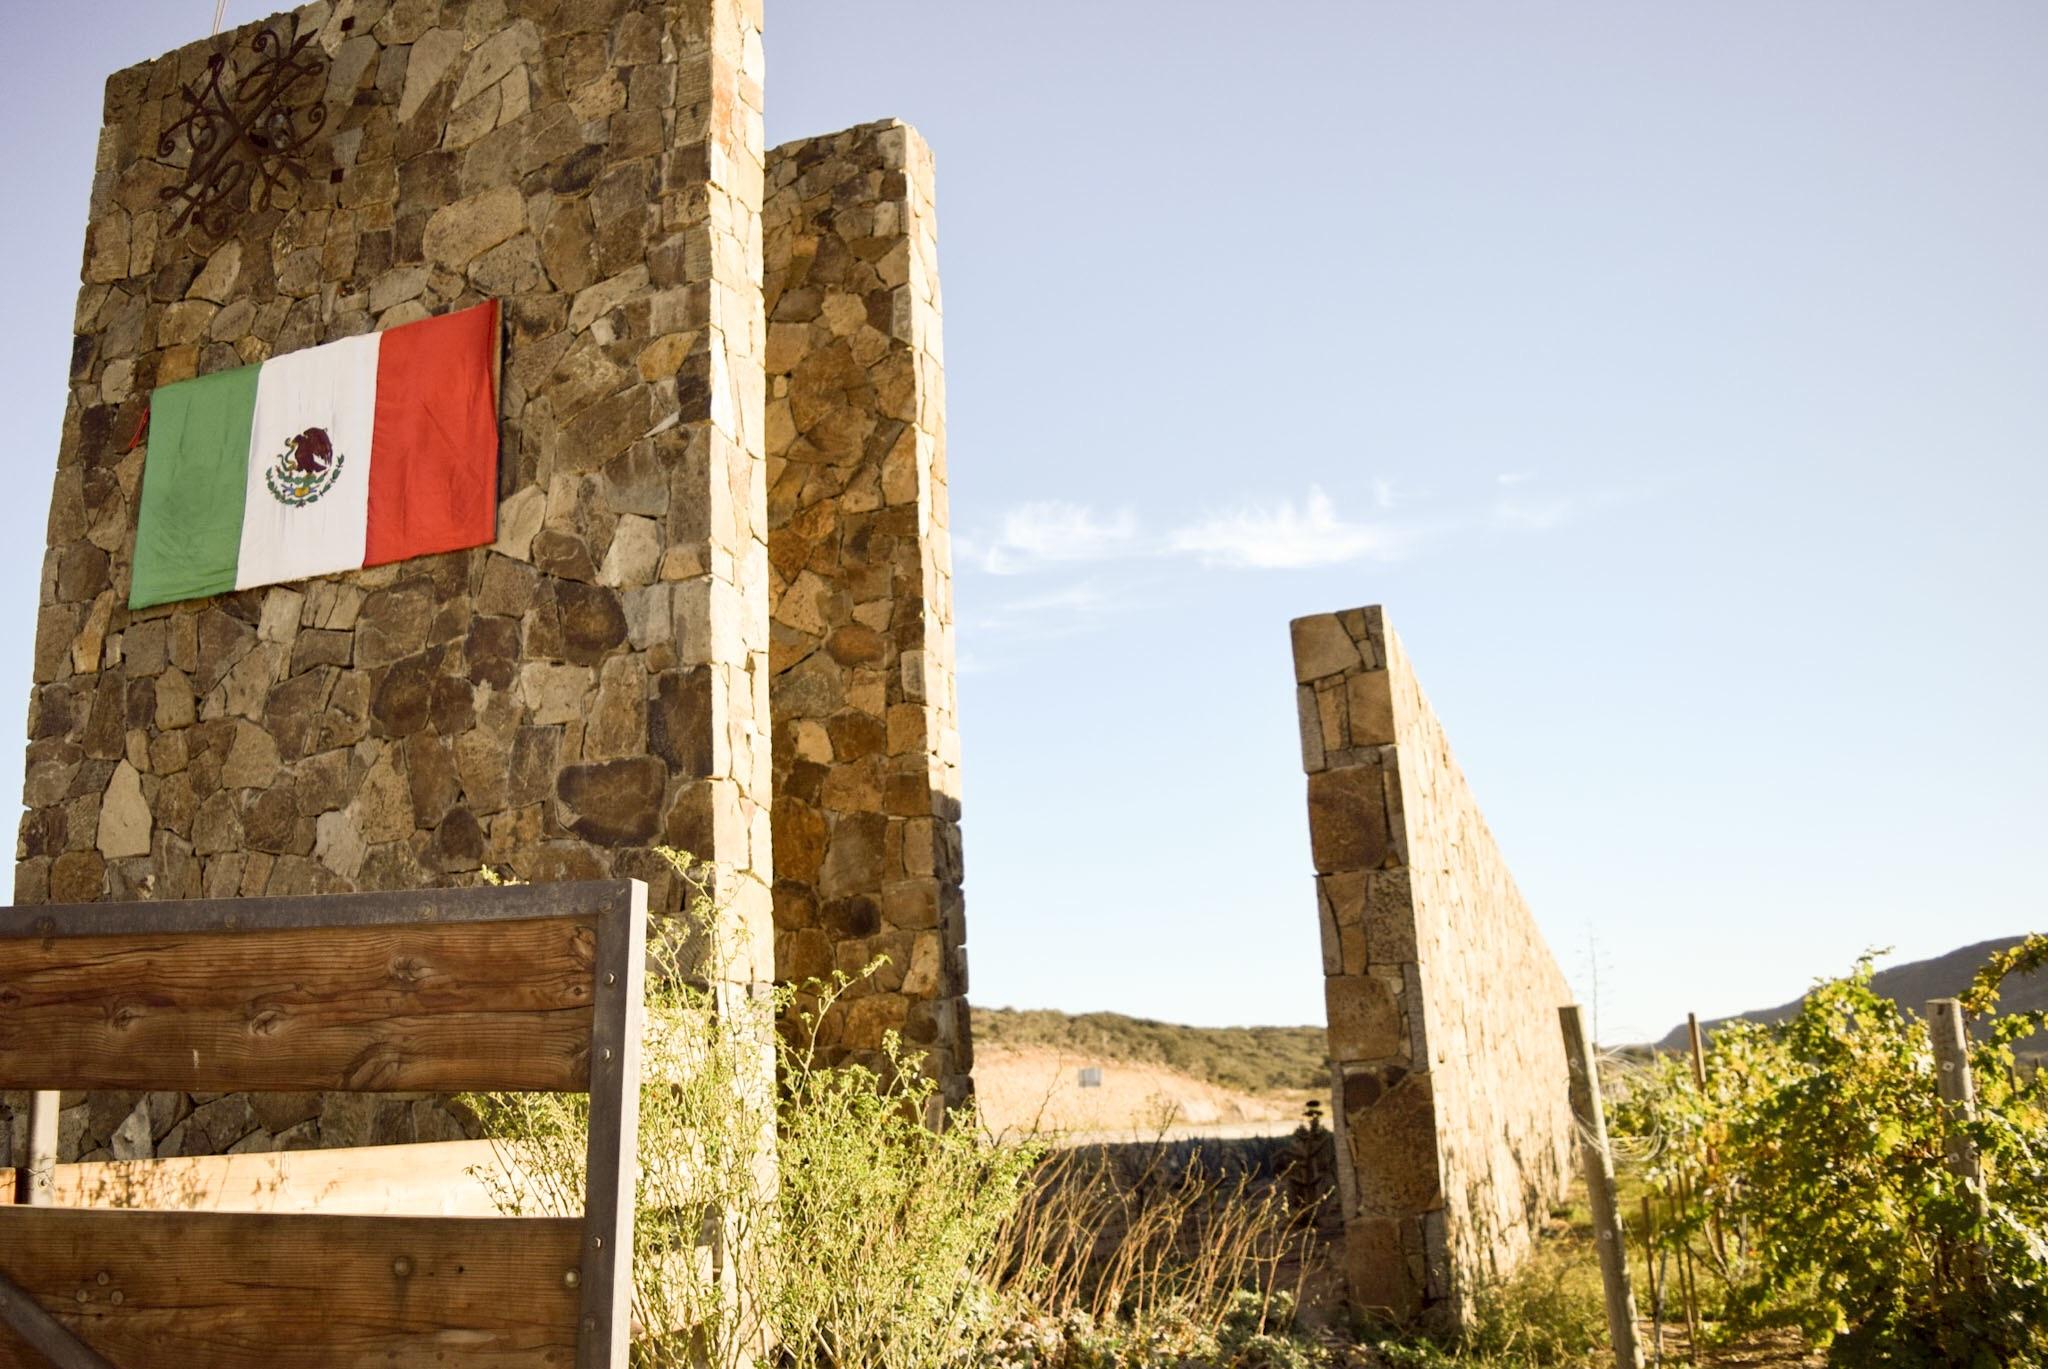 Entrance, Cuatro Cuatros, Ensenada, Mexico